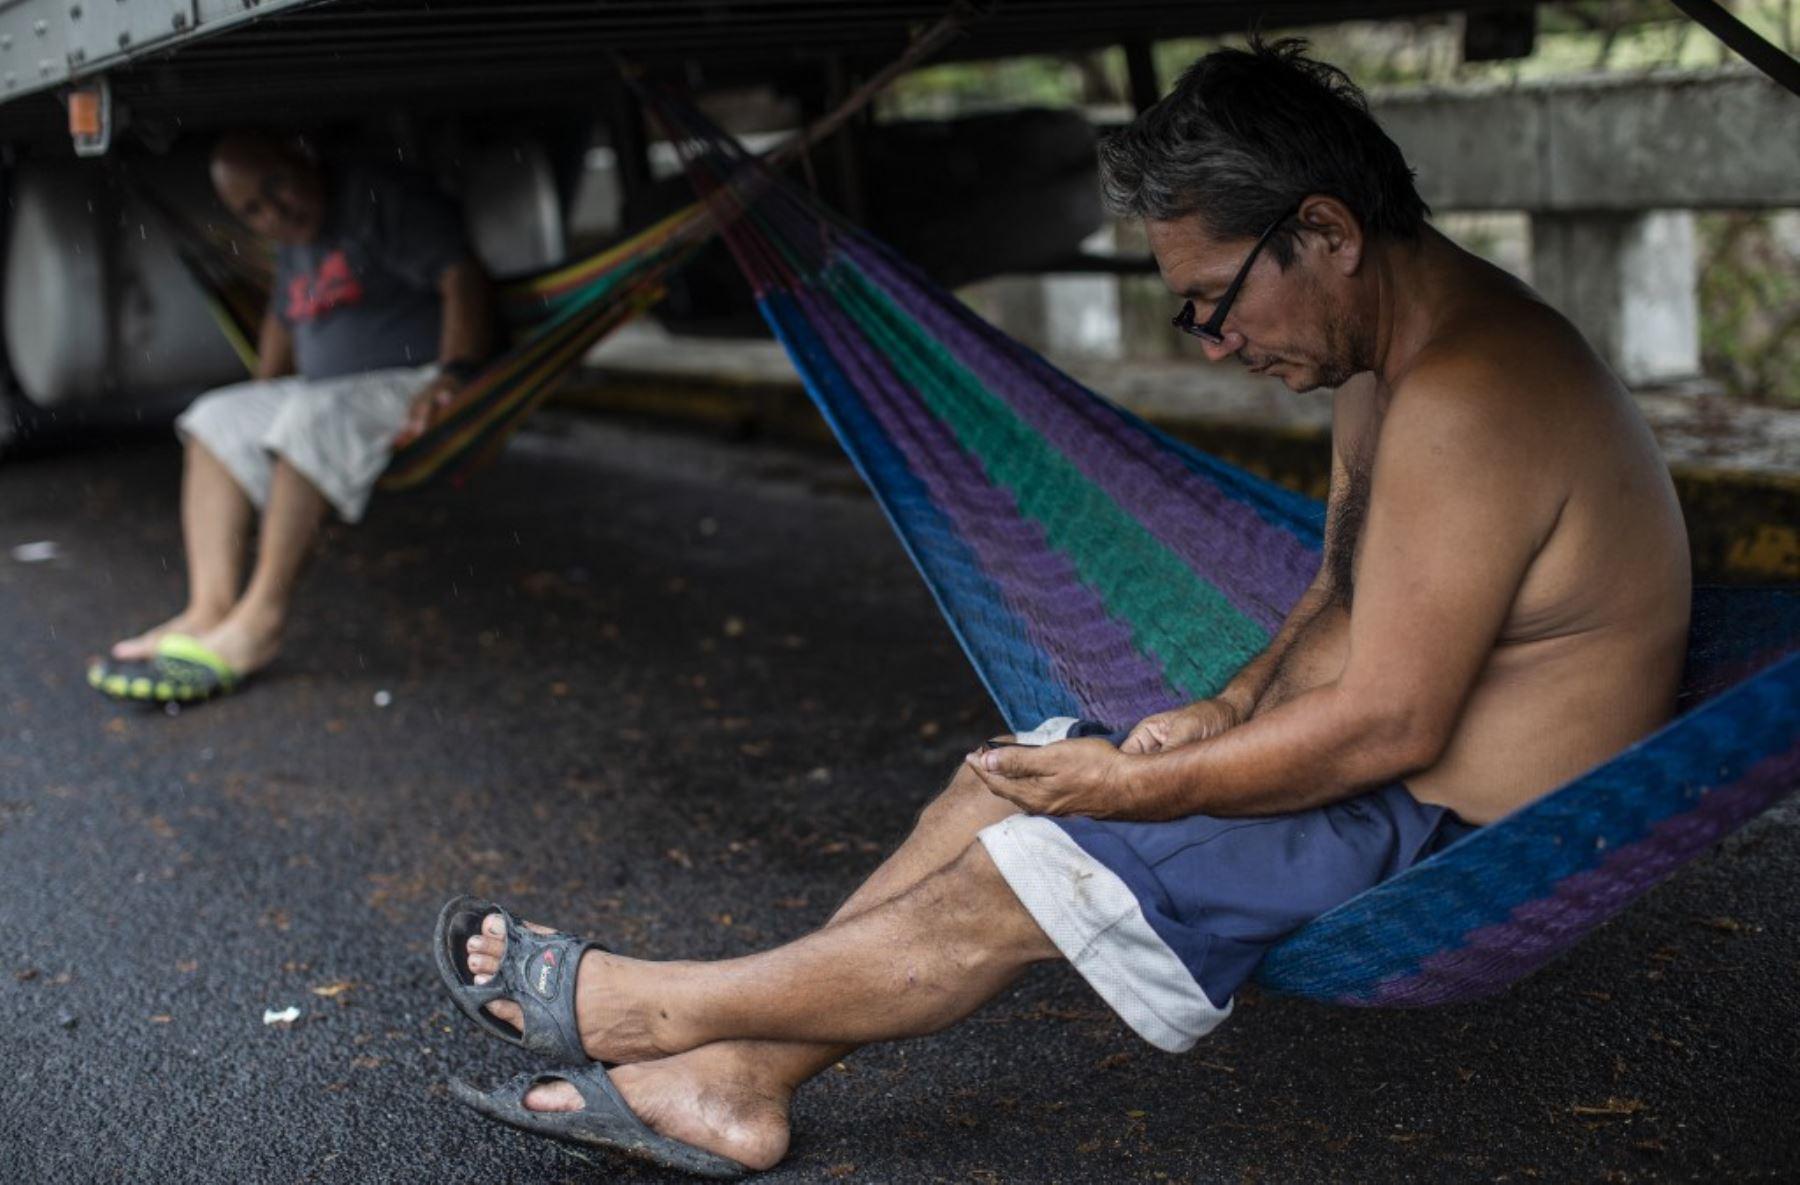 Un camionero revisa su teléfono sentado en una hamaca atada debajo de un camión durante un bloqueo en la frontera de Peñas Blancas entre Nicaragua y Costa Rica, en Rivas, Nicaragua. Foto: AFP